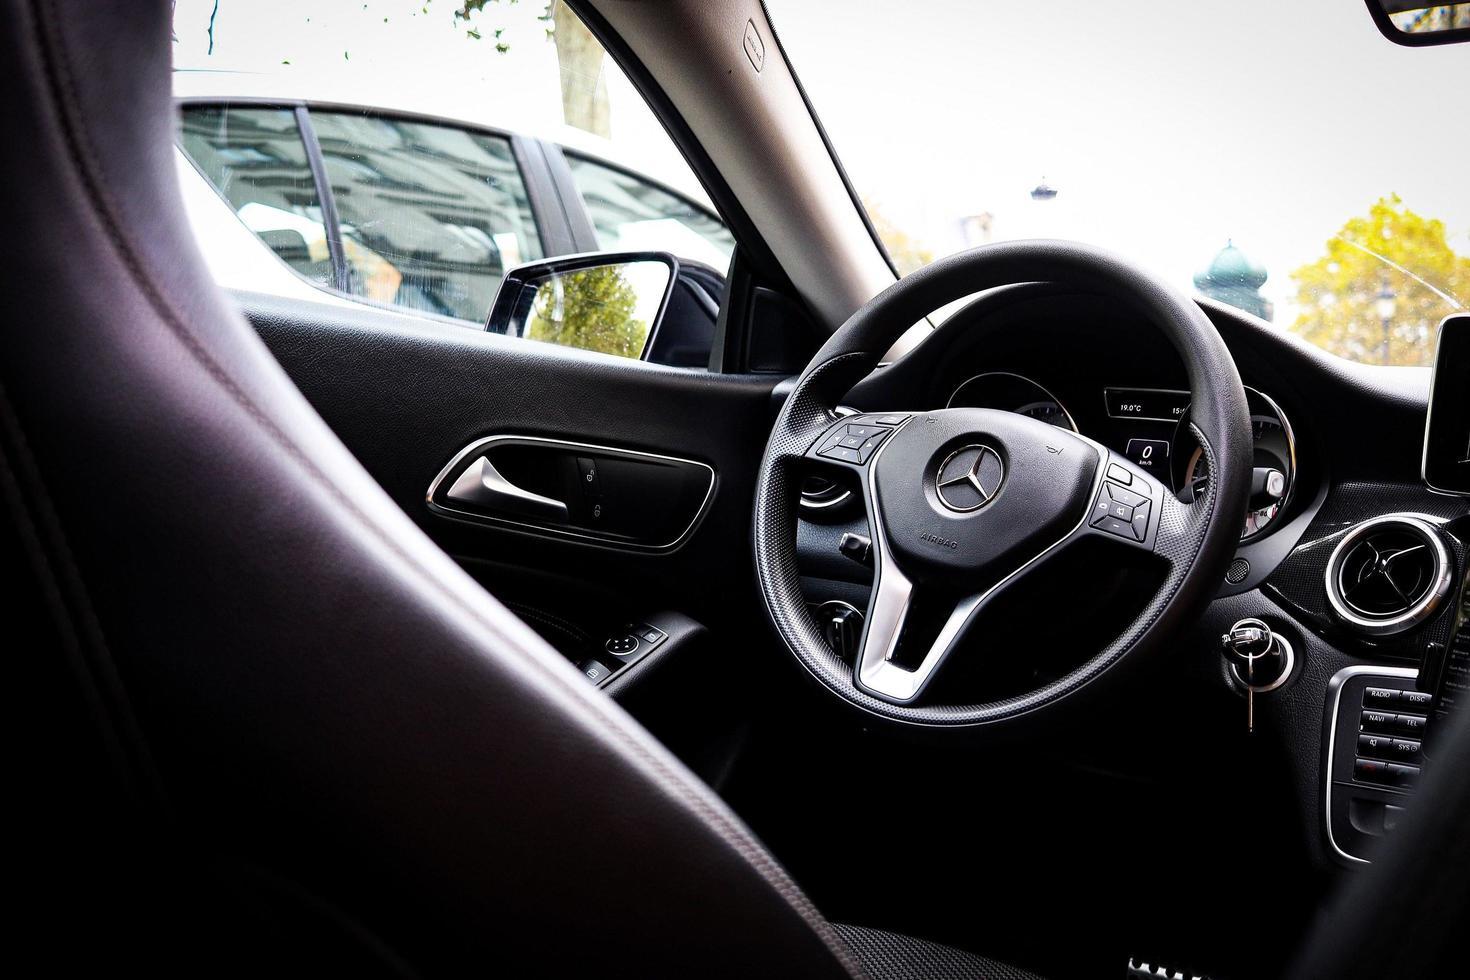 Frankreich, 2020 - im Mercedes-Benz Auto foto